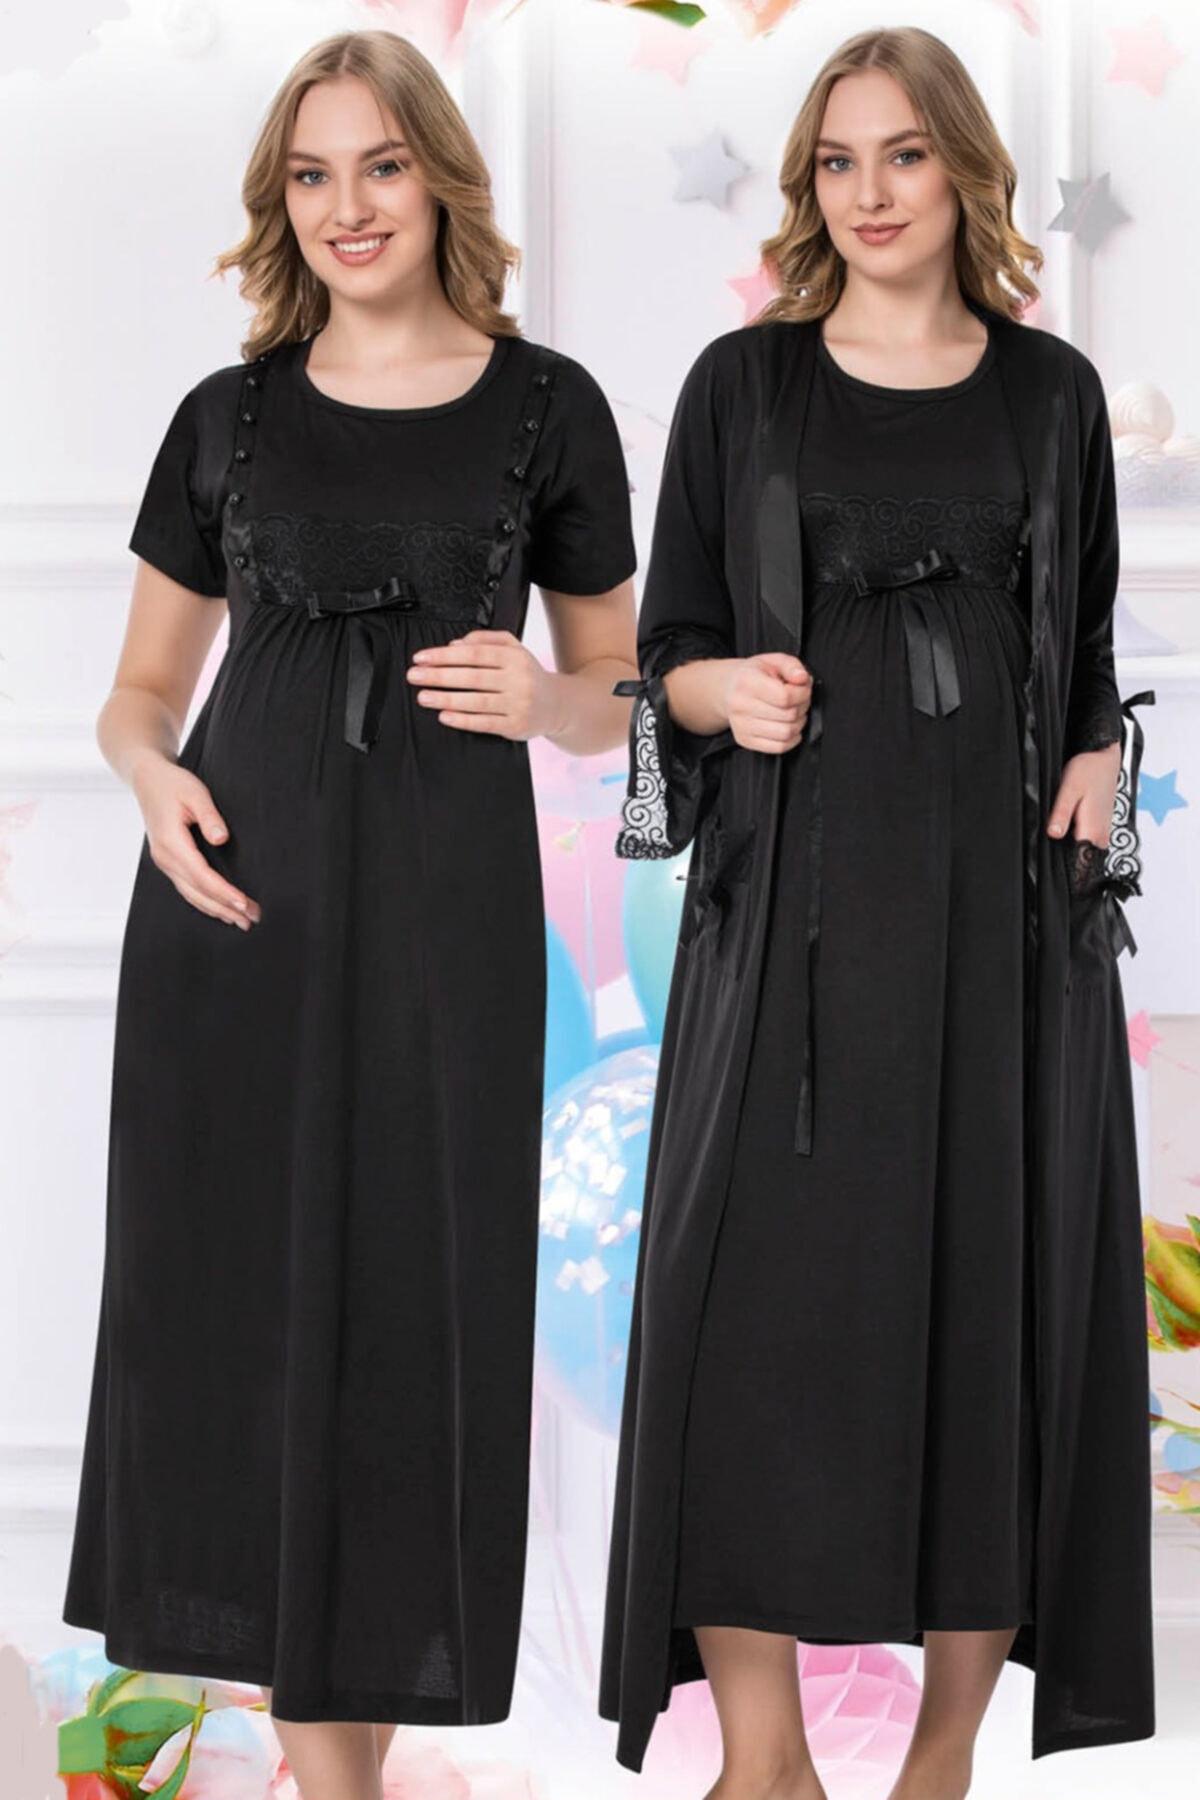 Lohusa Gecelik Takım Siyah Renk 2'li